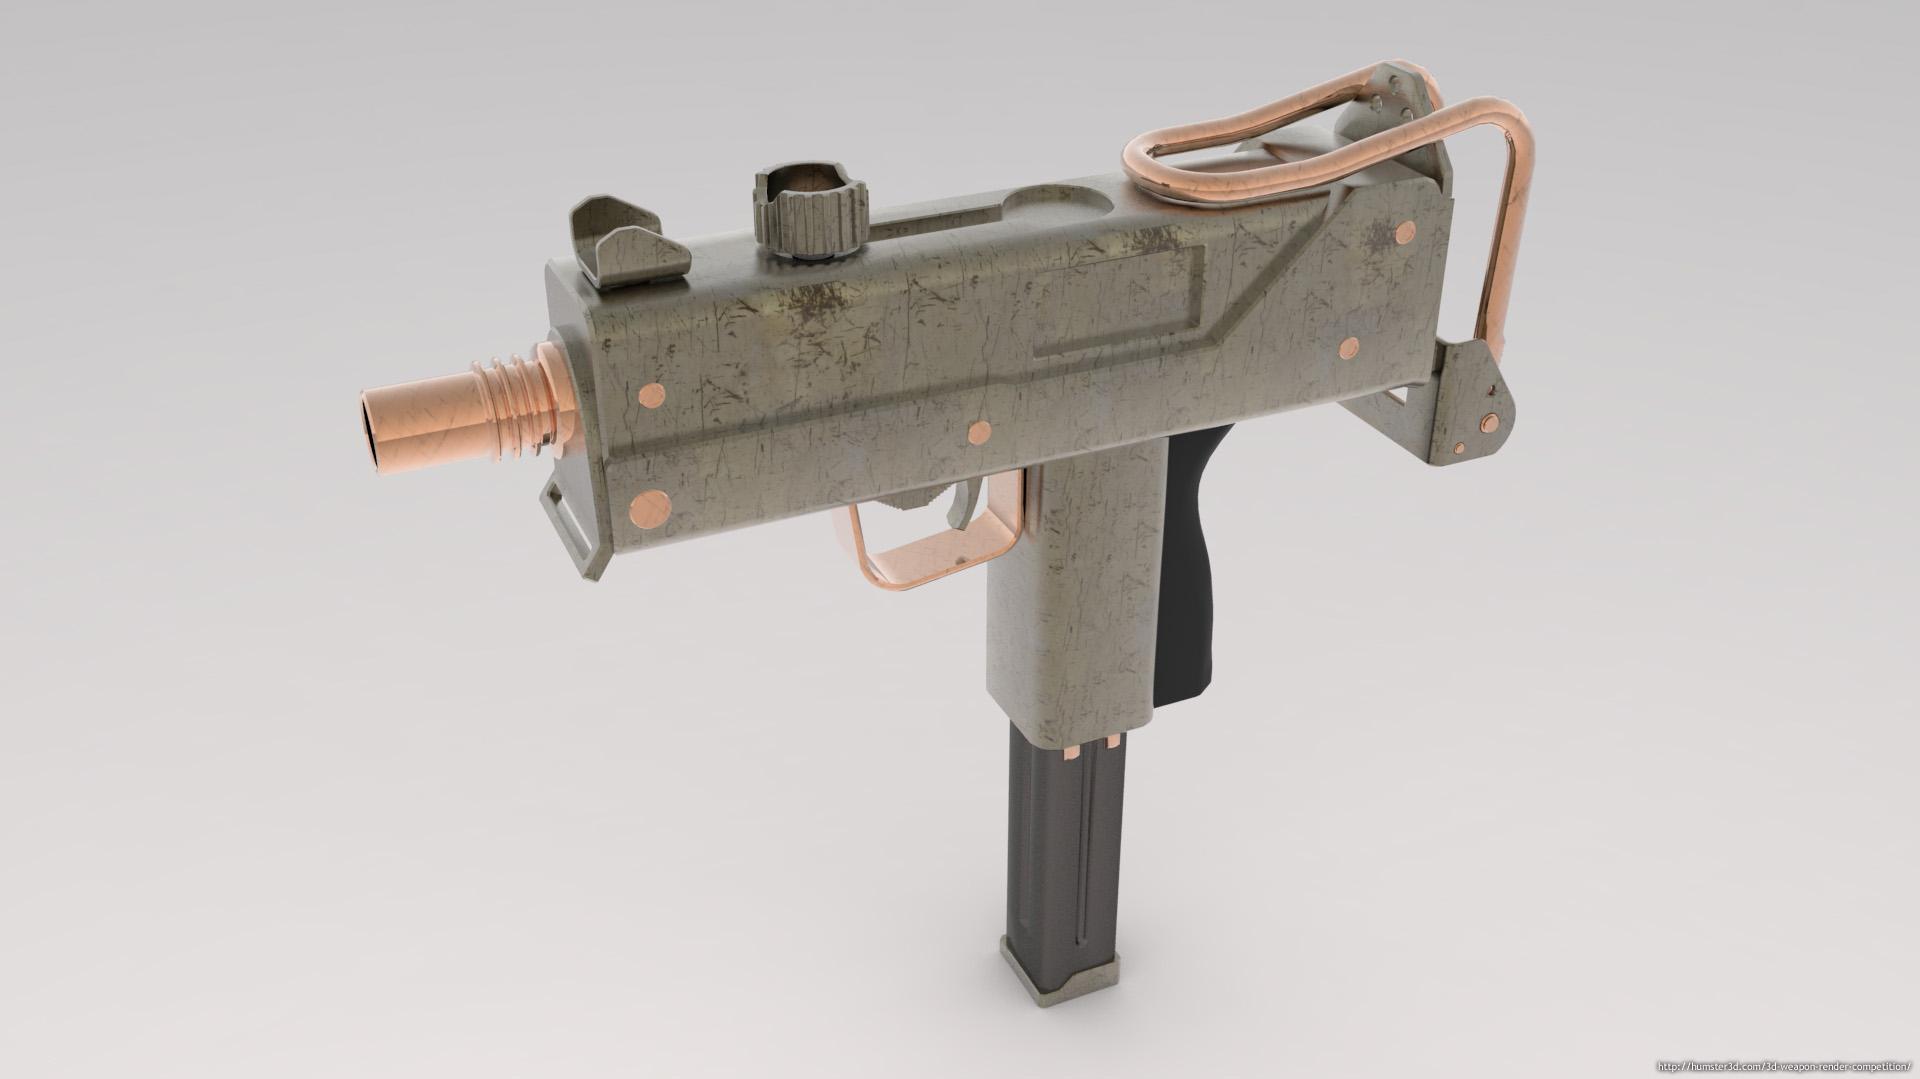 Mac 10 Sub Machine Gun 3d art